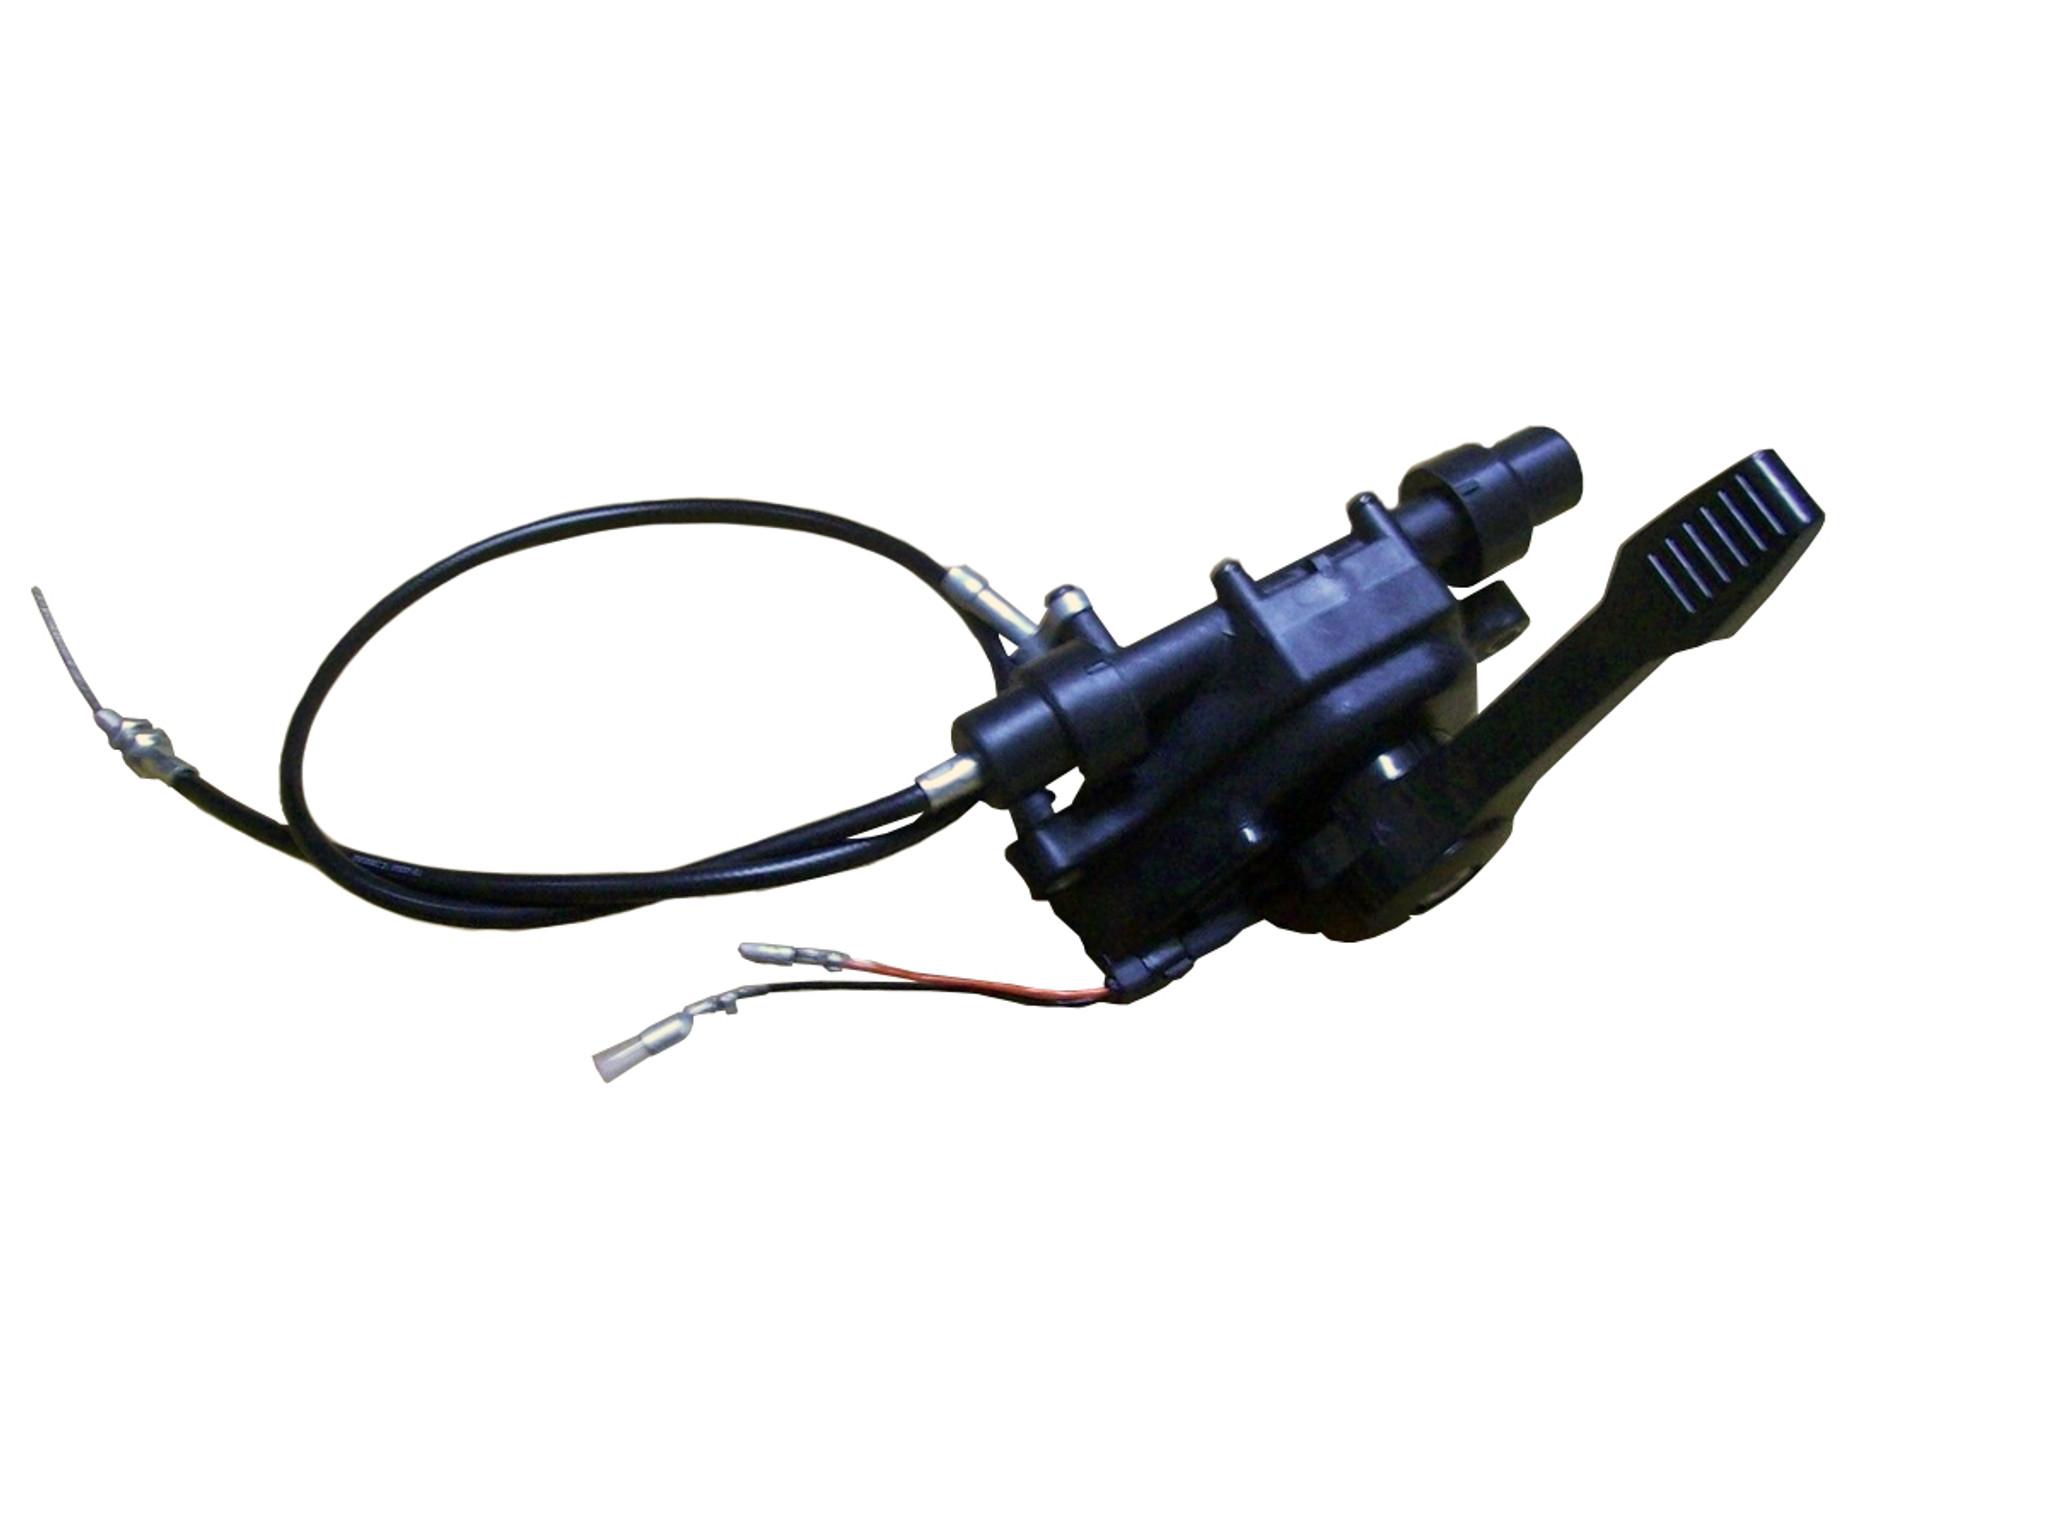 medium resolution of throttle assembly 94295 1498596131 jpg c 2